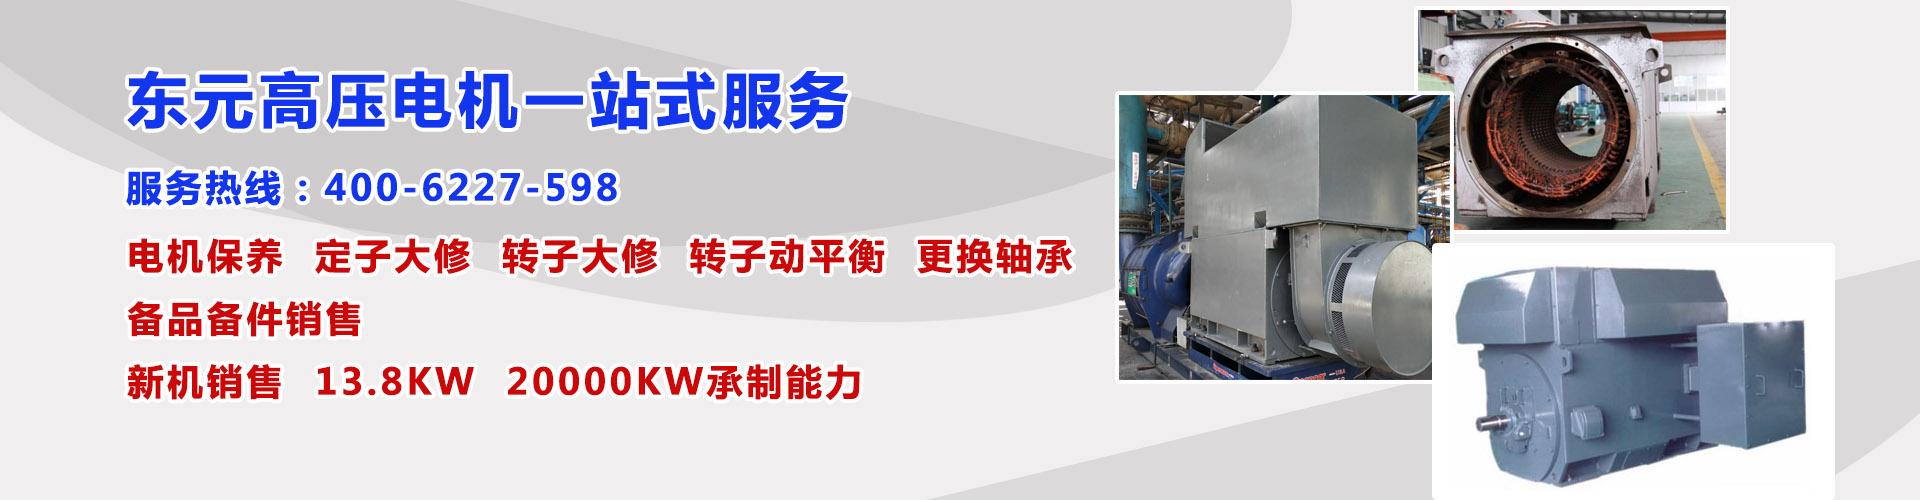 东元高压电机